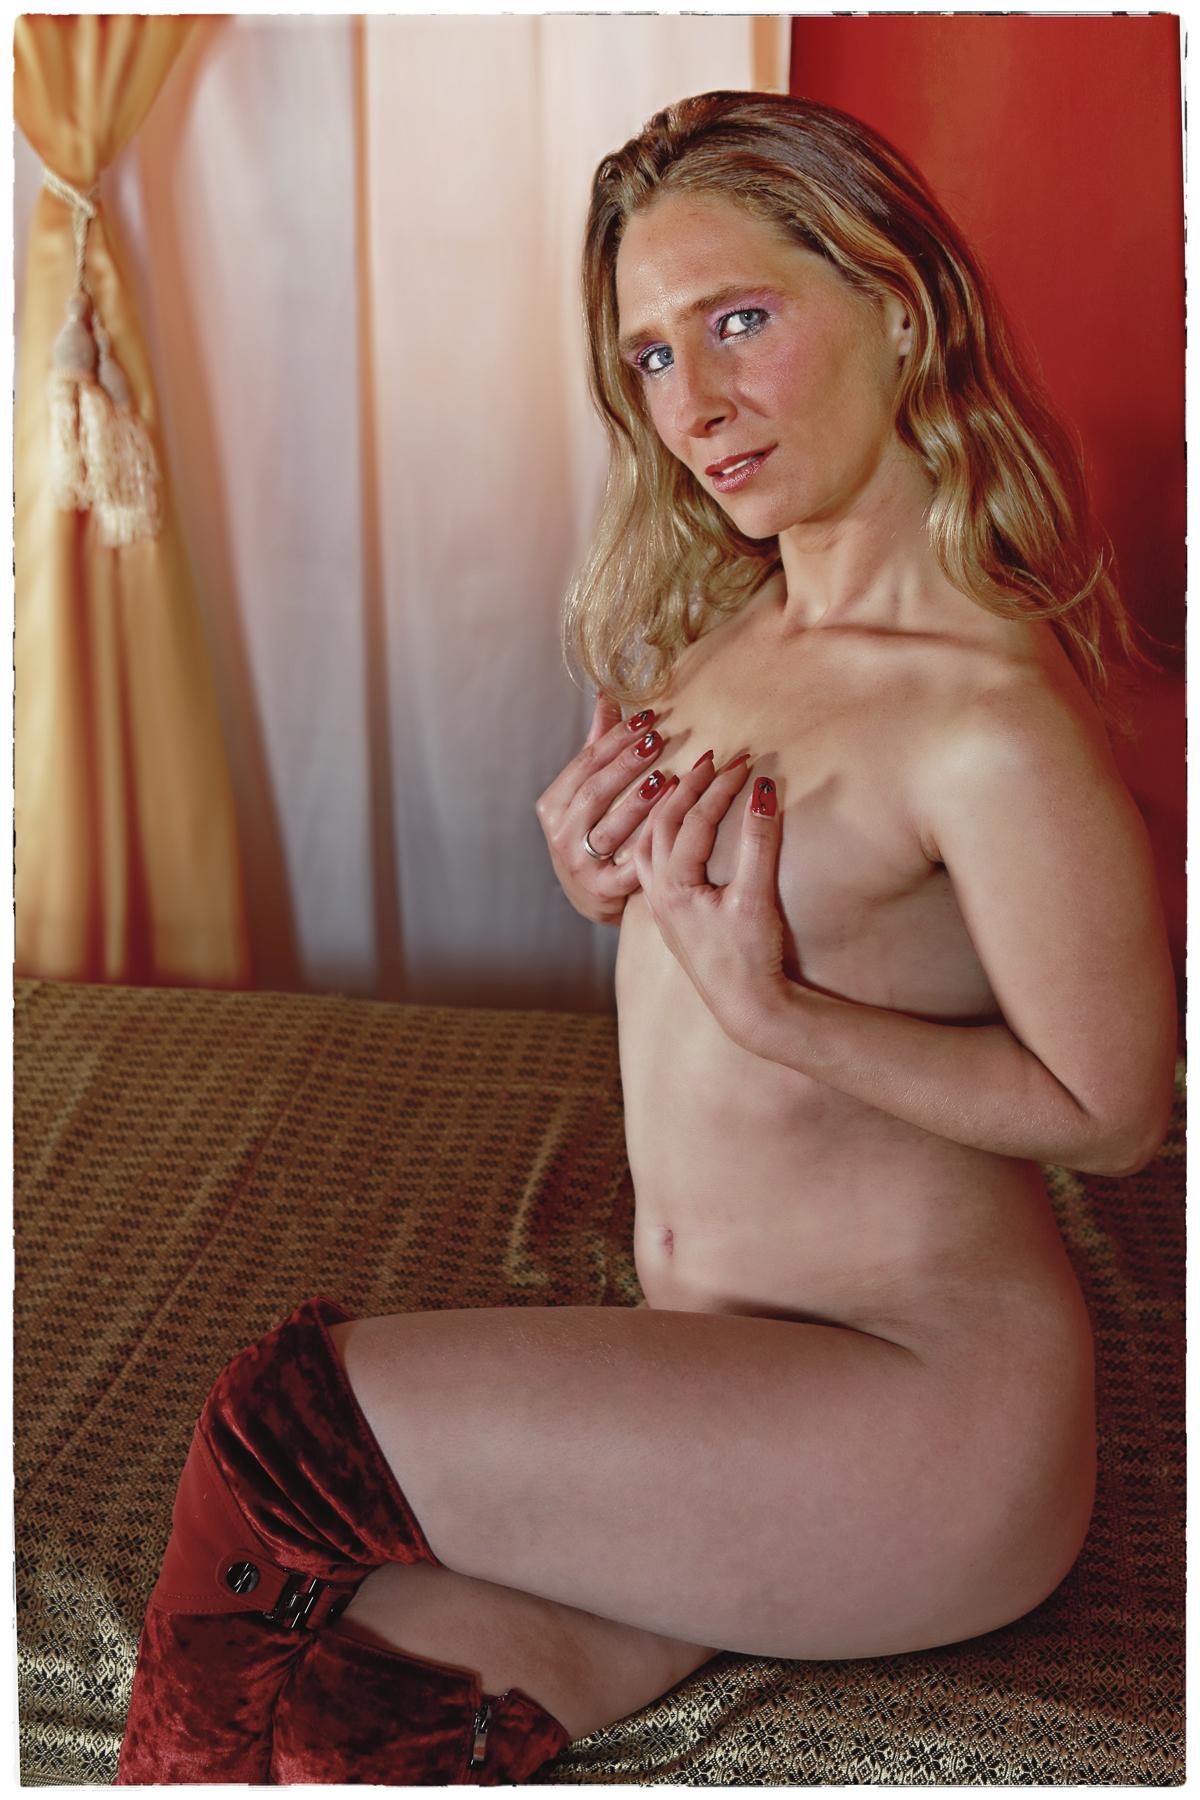 Lilly Ladina 1